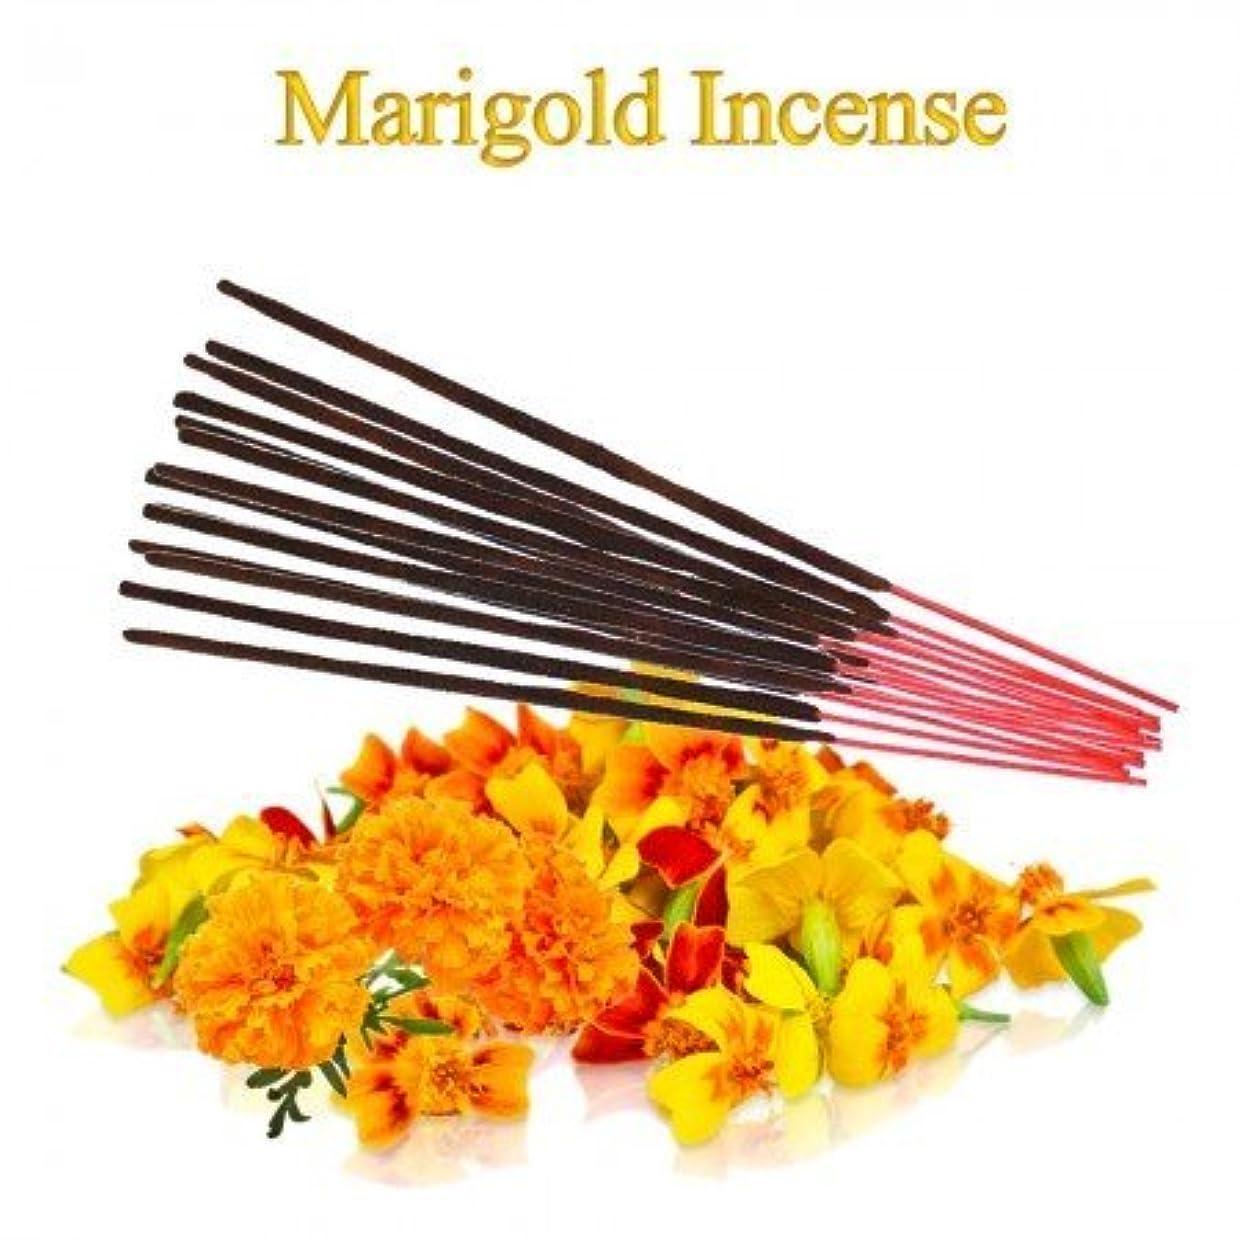 闇水平帰るMarigold Incense - 100 gms Divine World